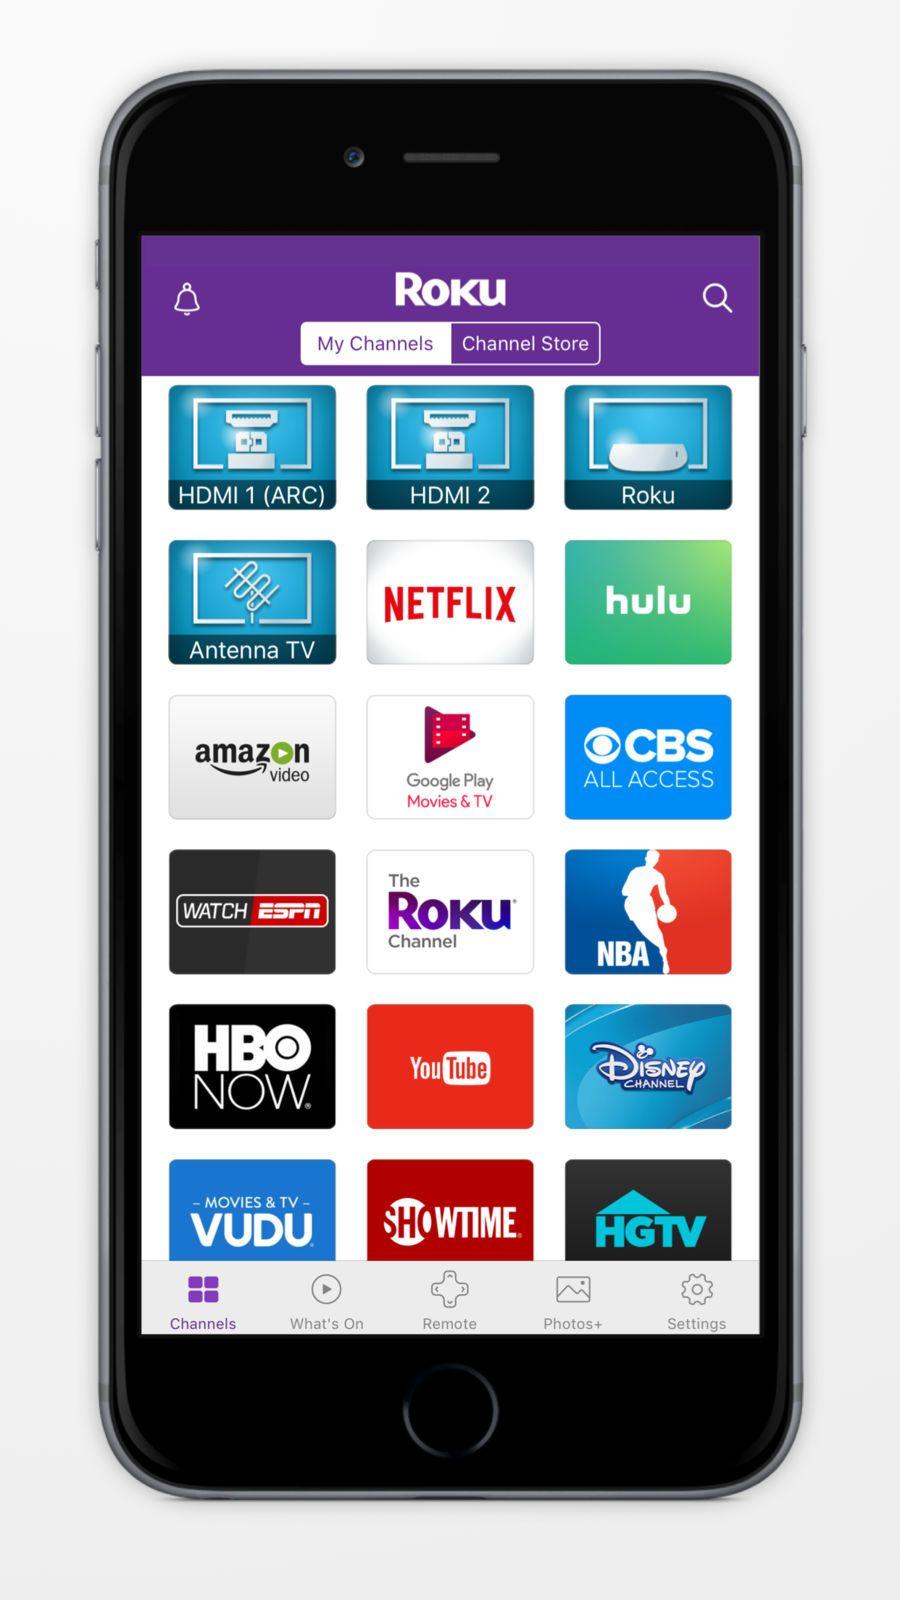 Roku iosappsappUtilities Disney now, App